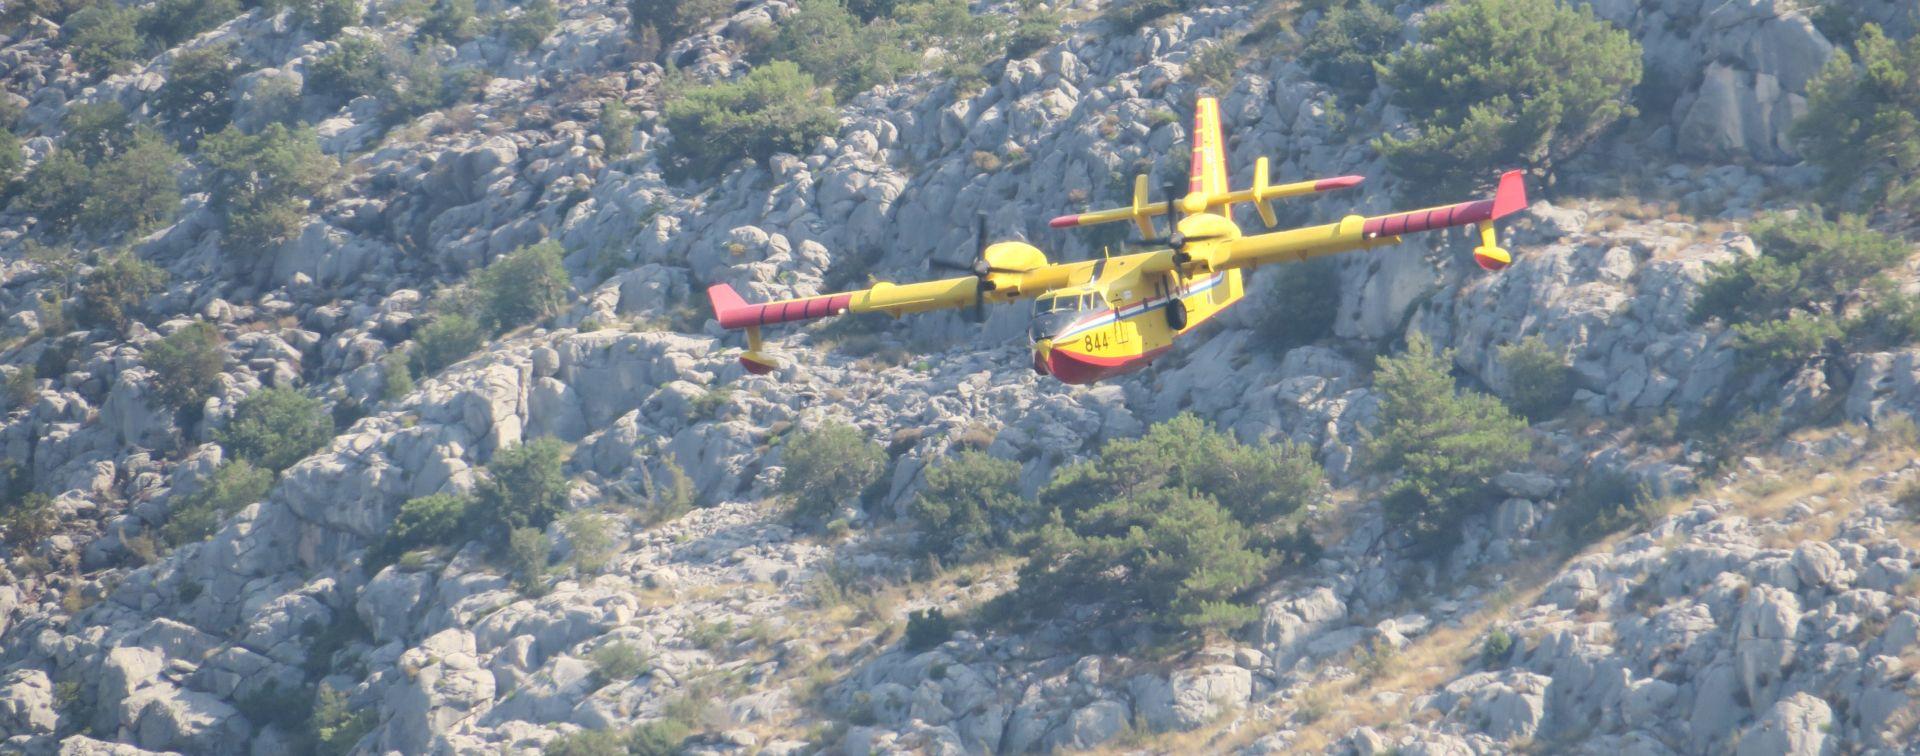 MORH: Zračne snage sudjelovale u gašenju dva požara